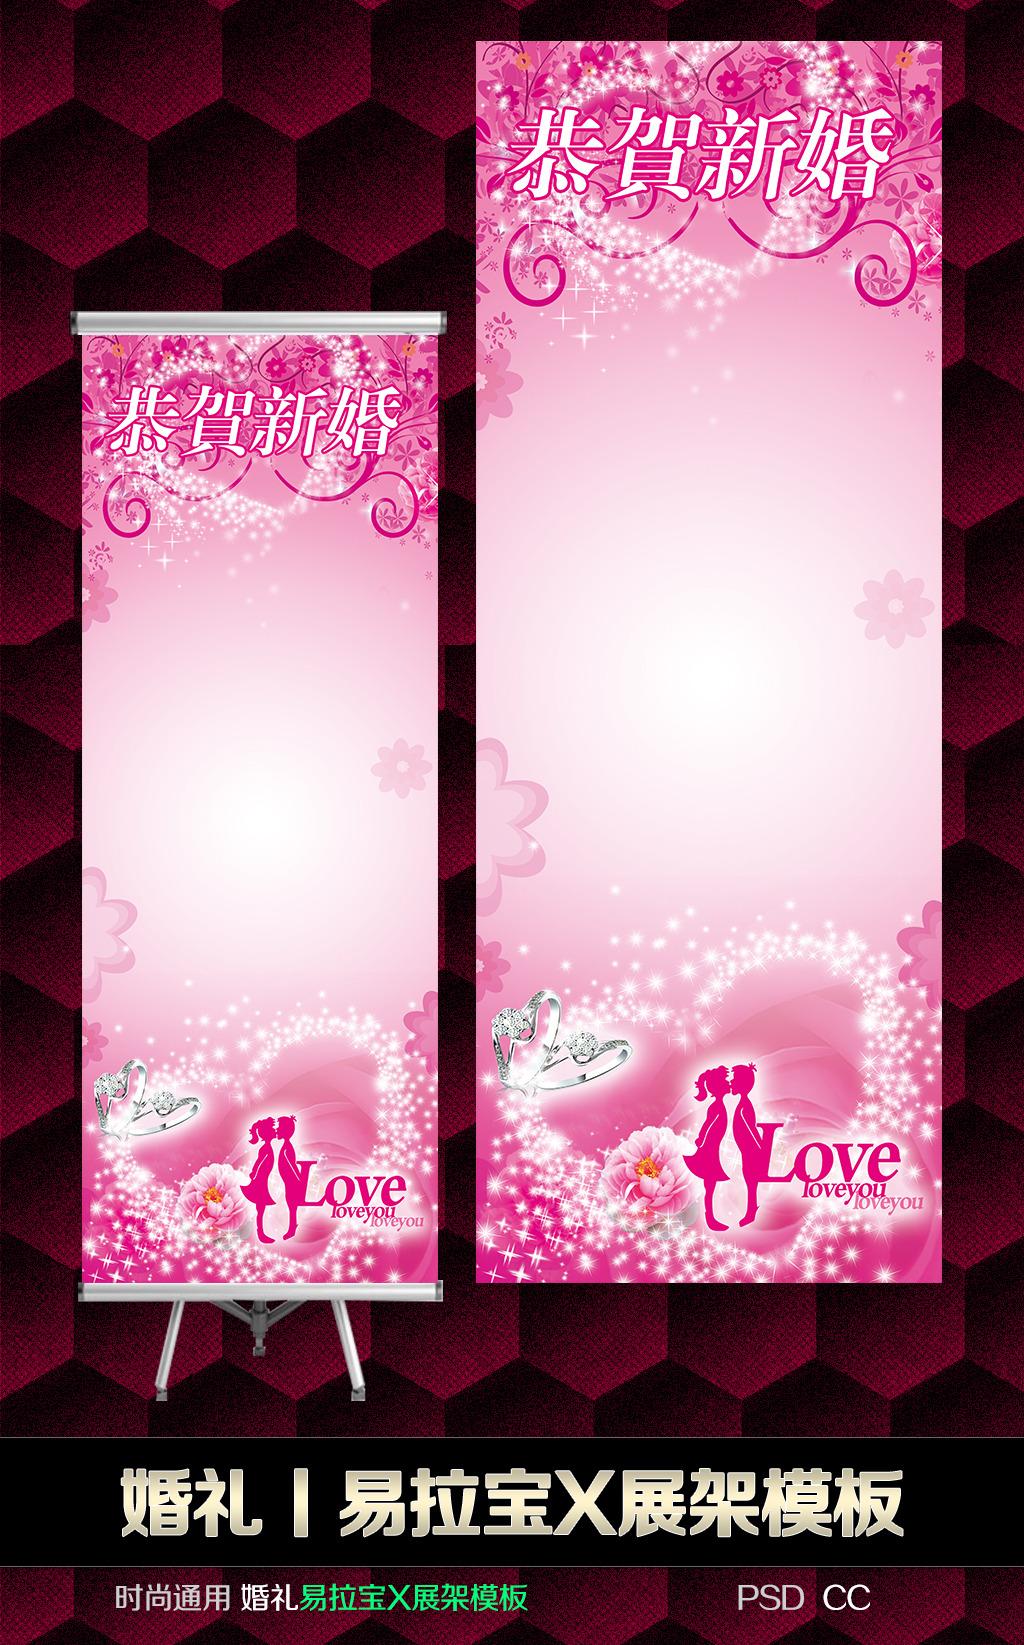 浪漫通用婚庆婚礼x展架易拉宝模板模板下载